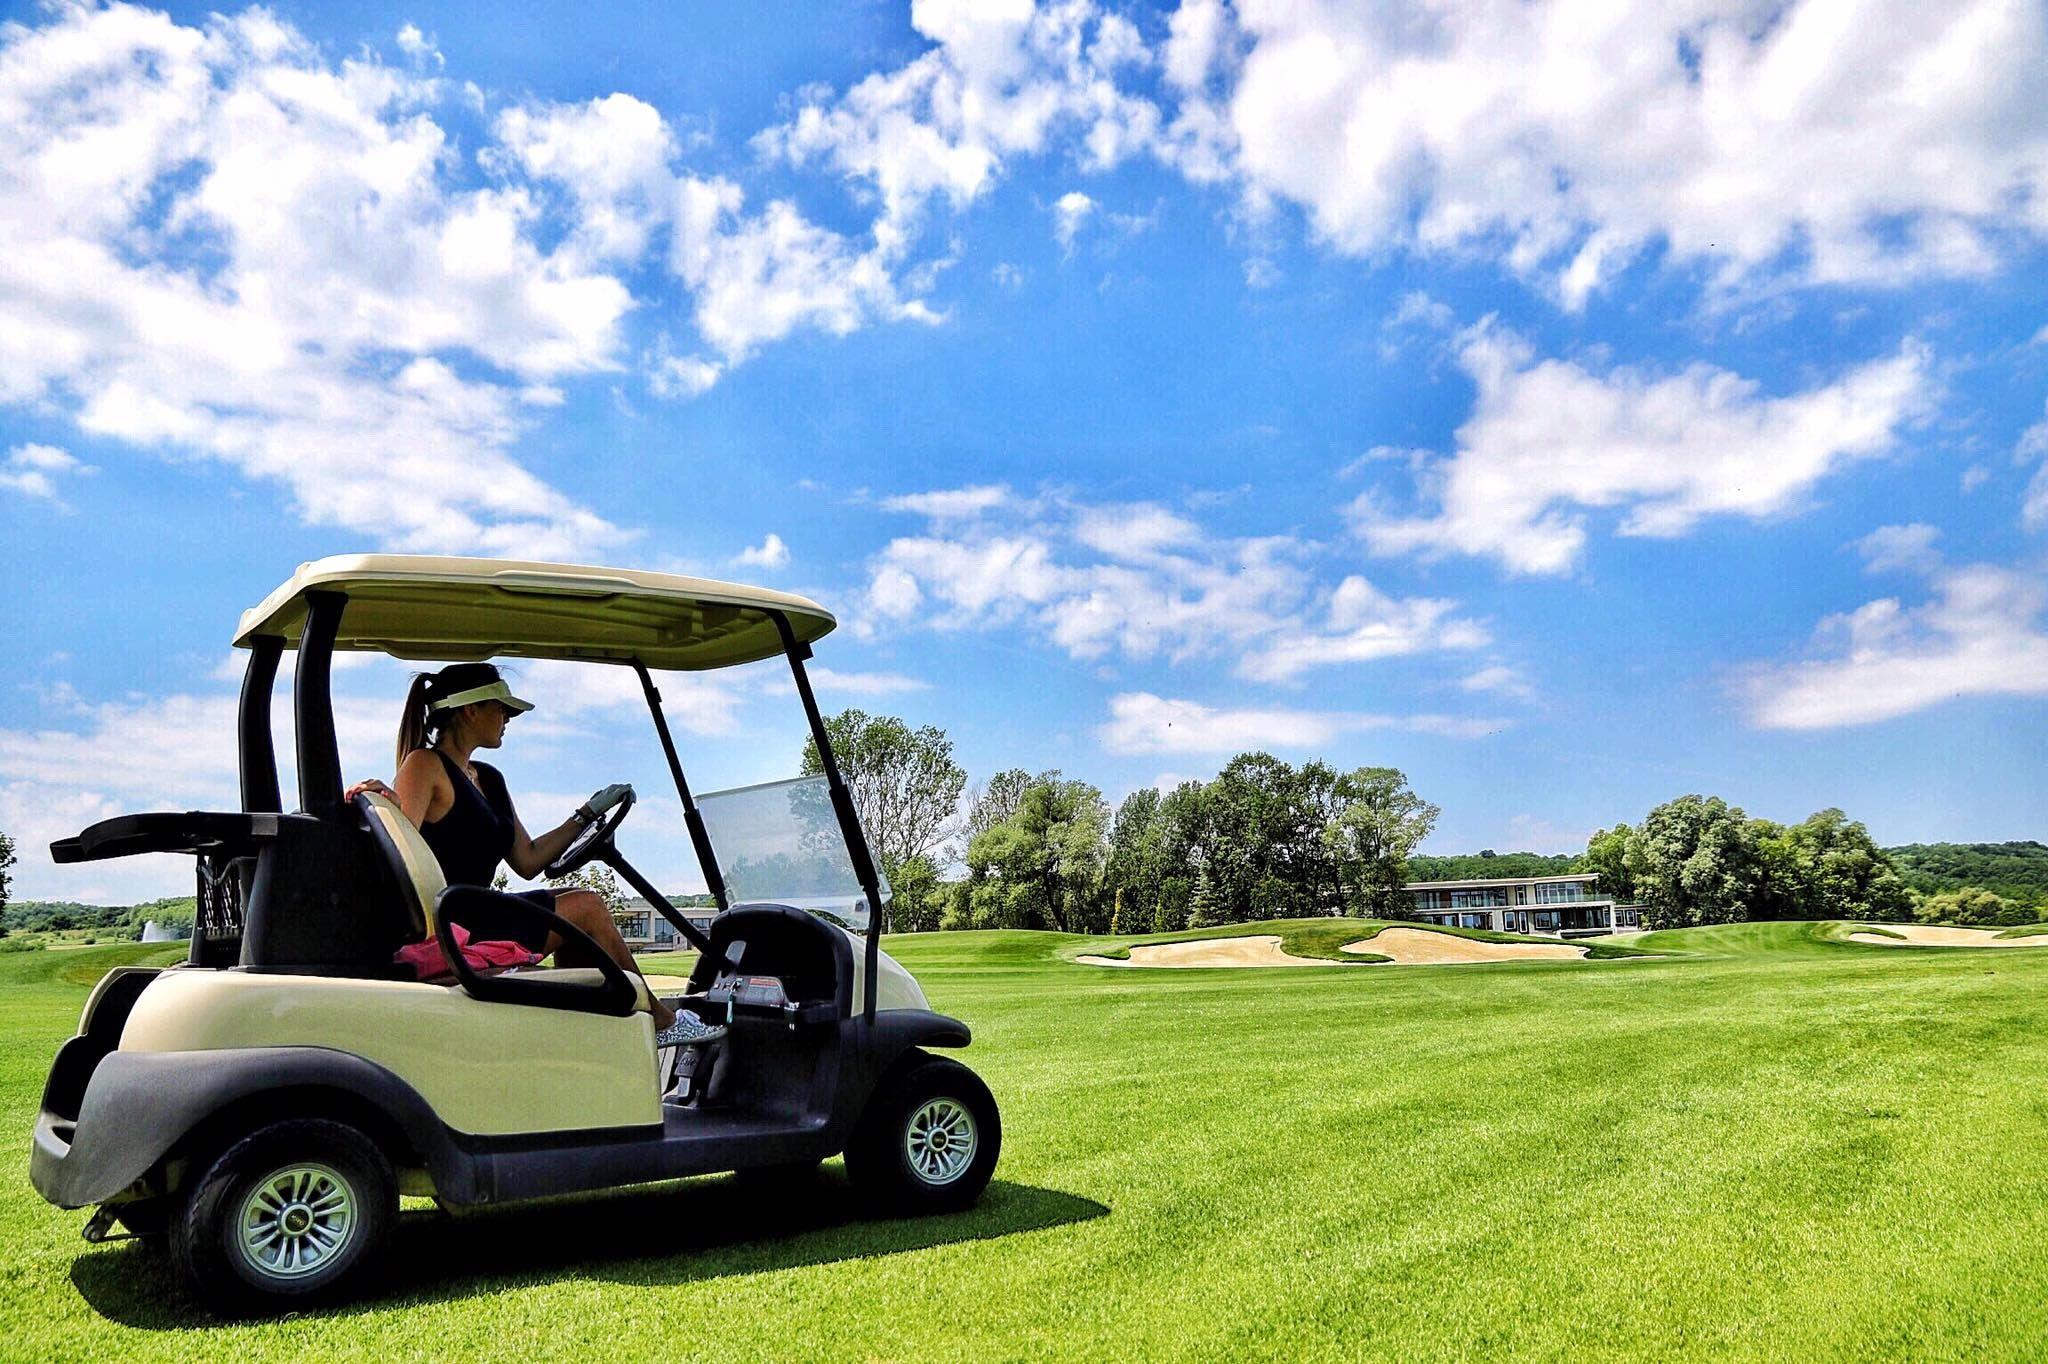 Zala Springs Golf Resort Zalacsány - Az Európában is kimagasló színvonalú és vonalvezetésű pálya terveit a világhírű golfpálya tervező, Robert Trent Jones, Jr. álmodta meg.